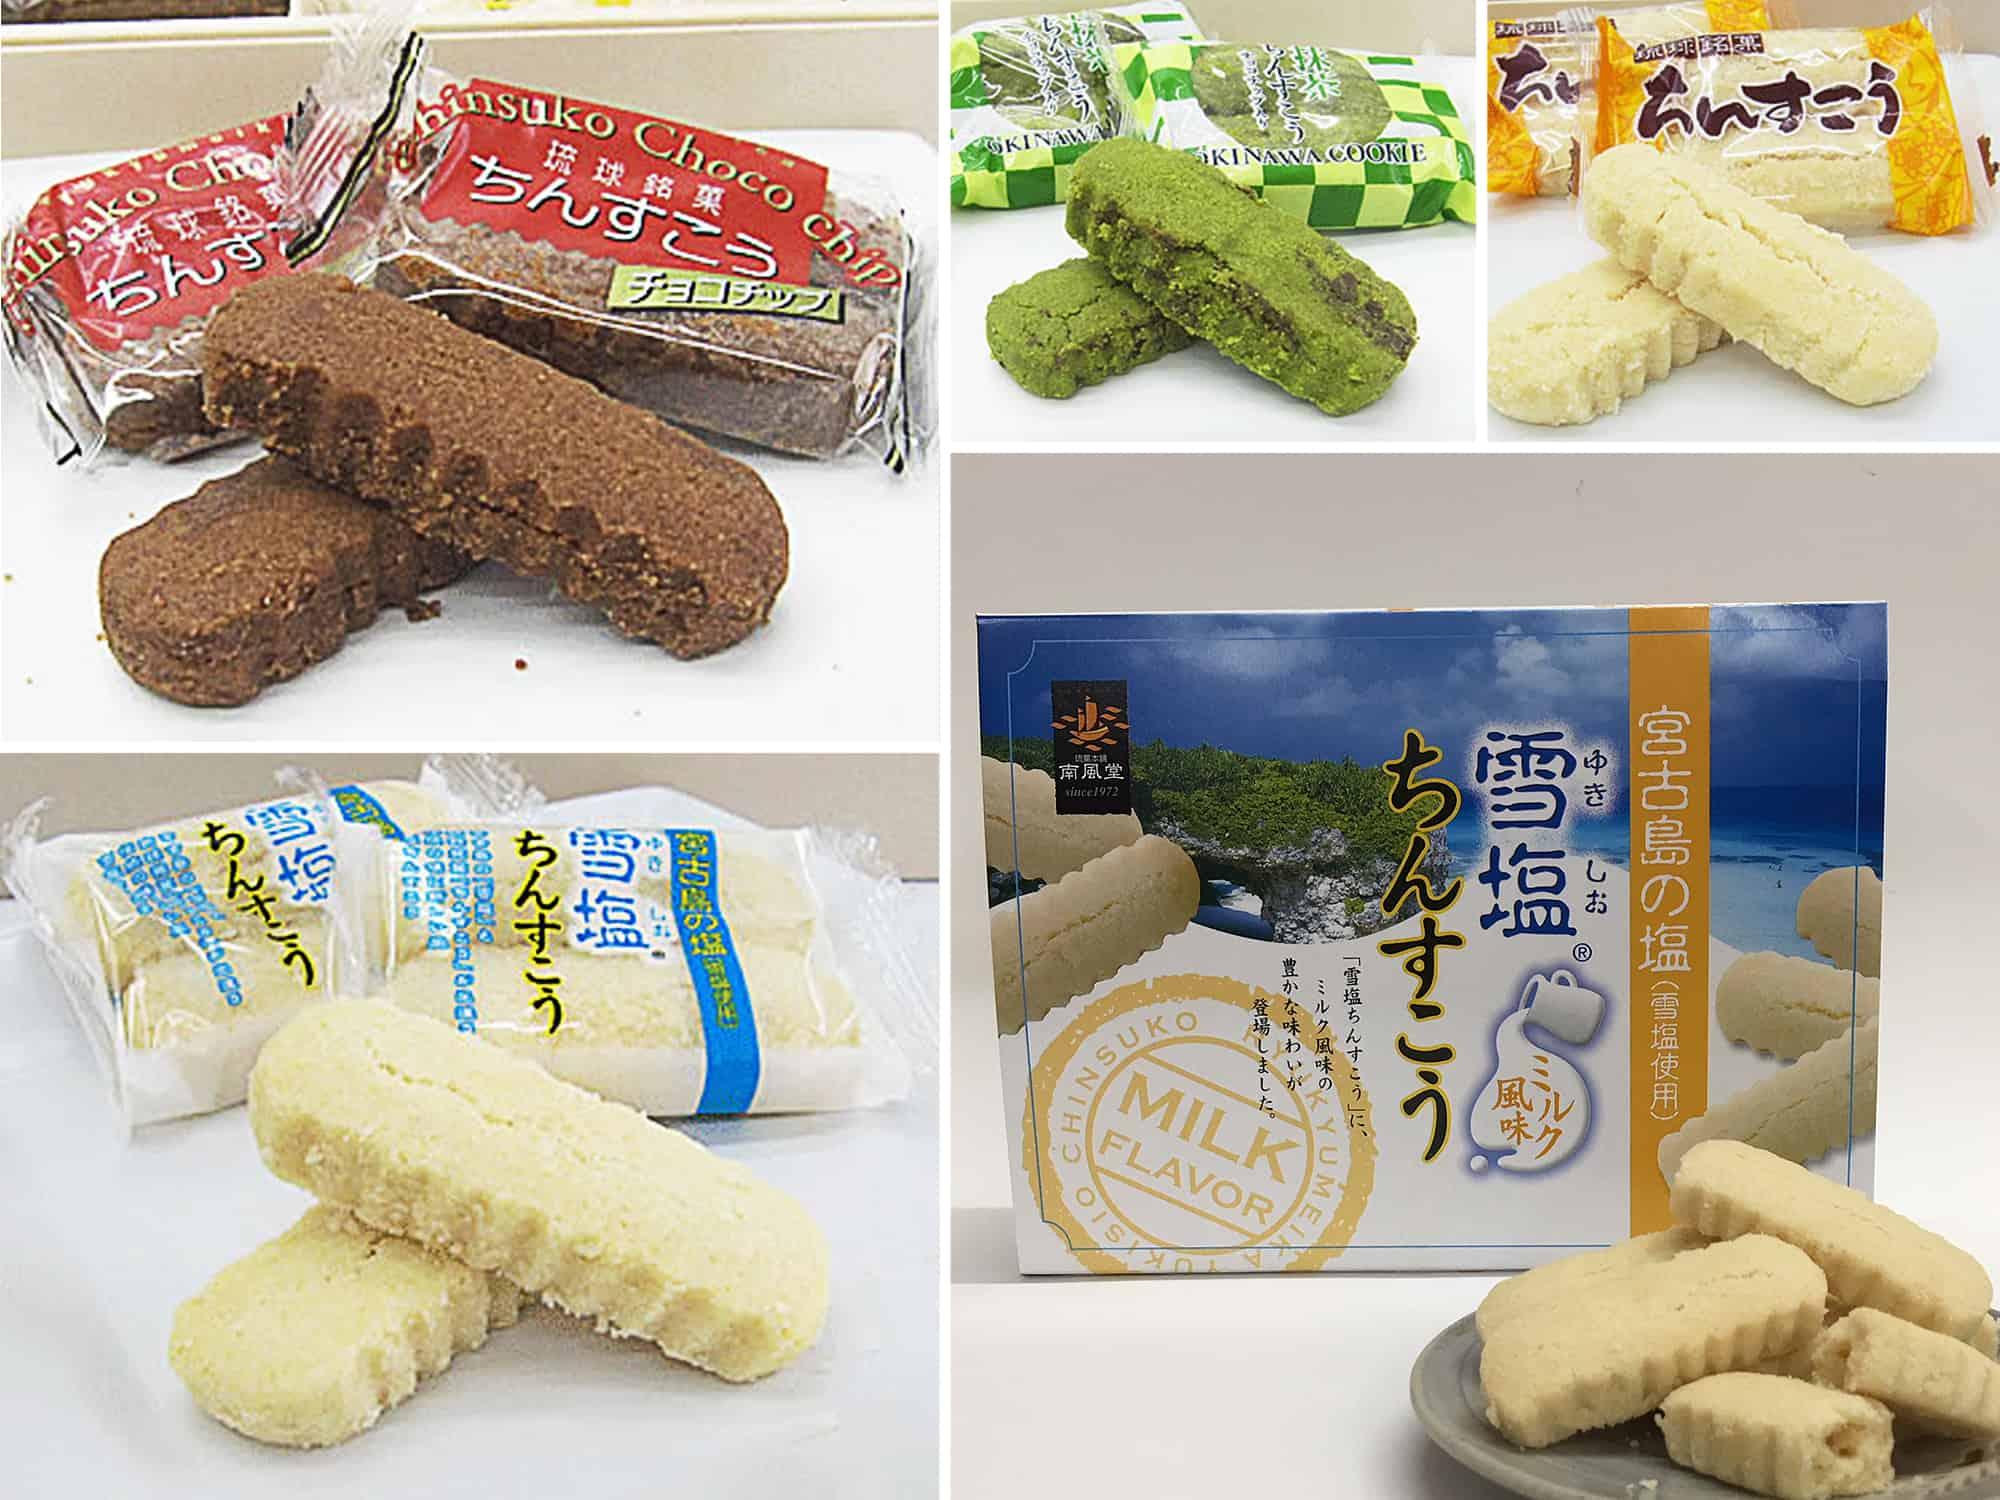 ขนมชินสุโก (ちんすこう) ของฝาก ราคาประหยัดจาก โอกินาว่า